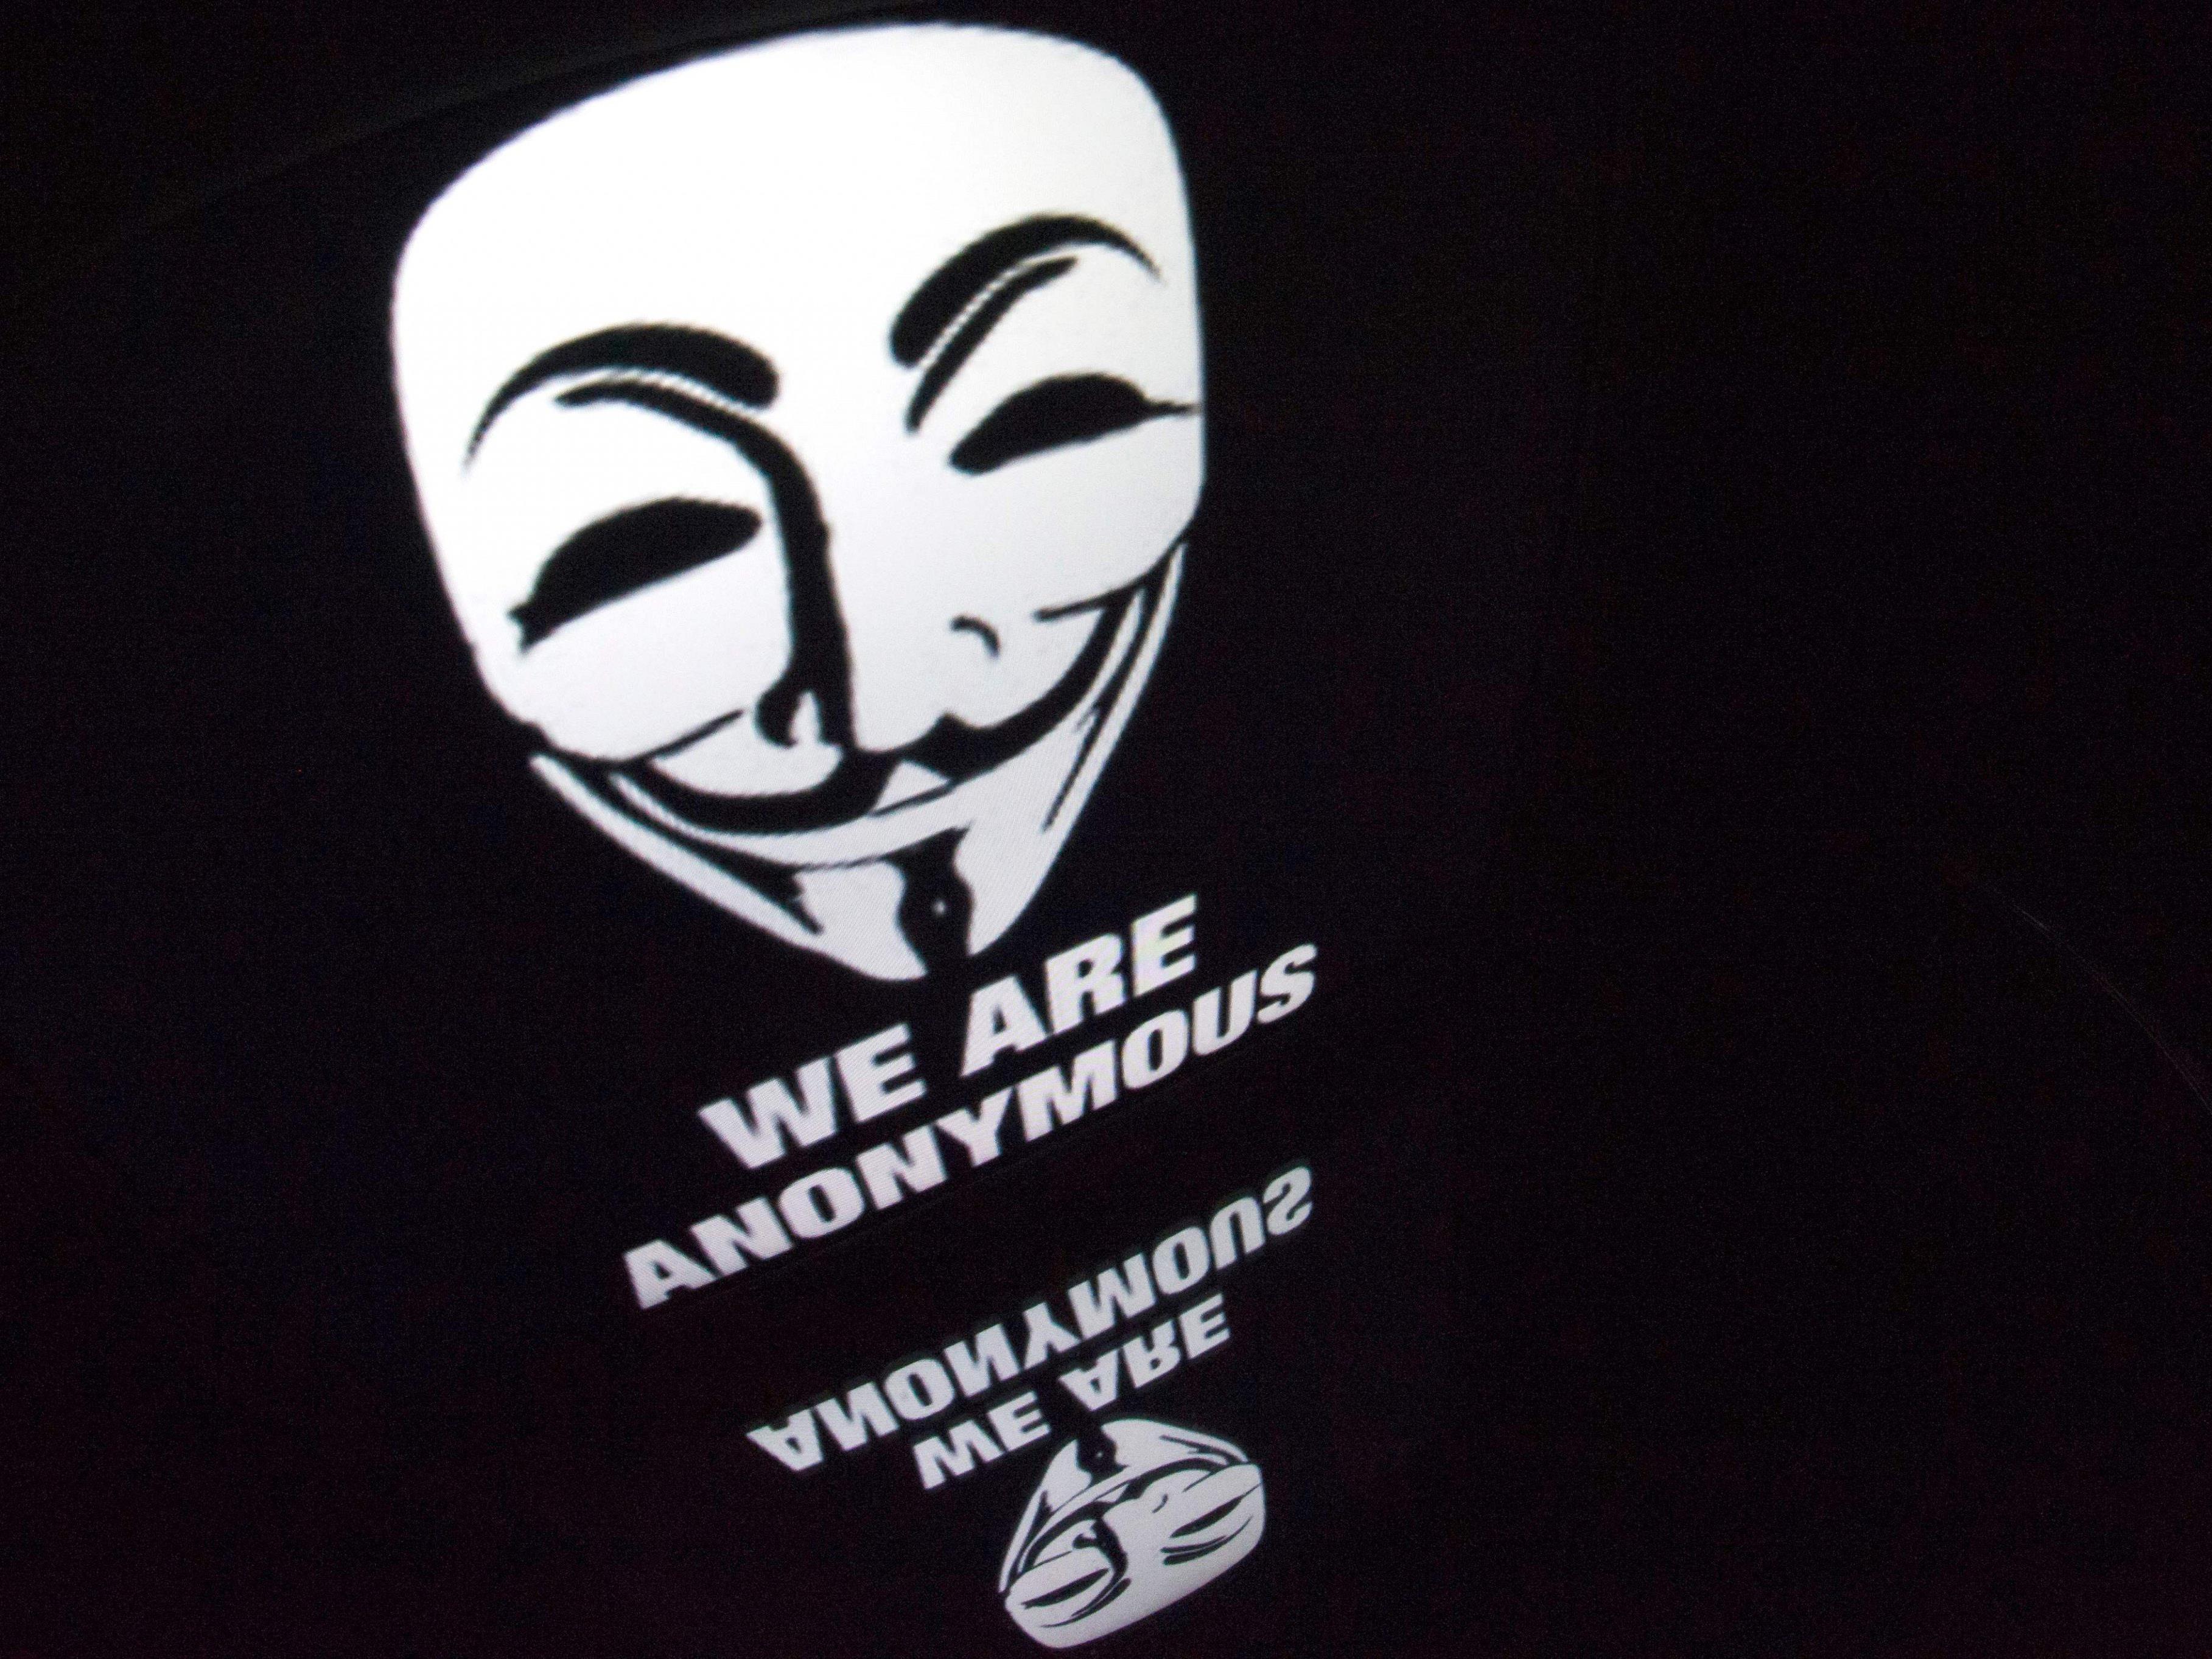 Das Logo der Anymous-Gruppierng, die auch hinter dem Trick-Posting stehen könnte.